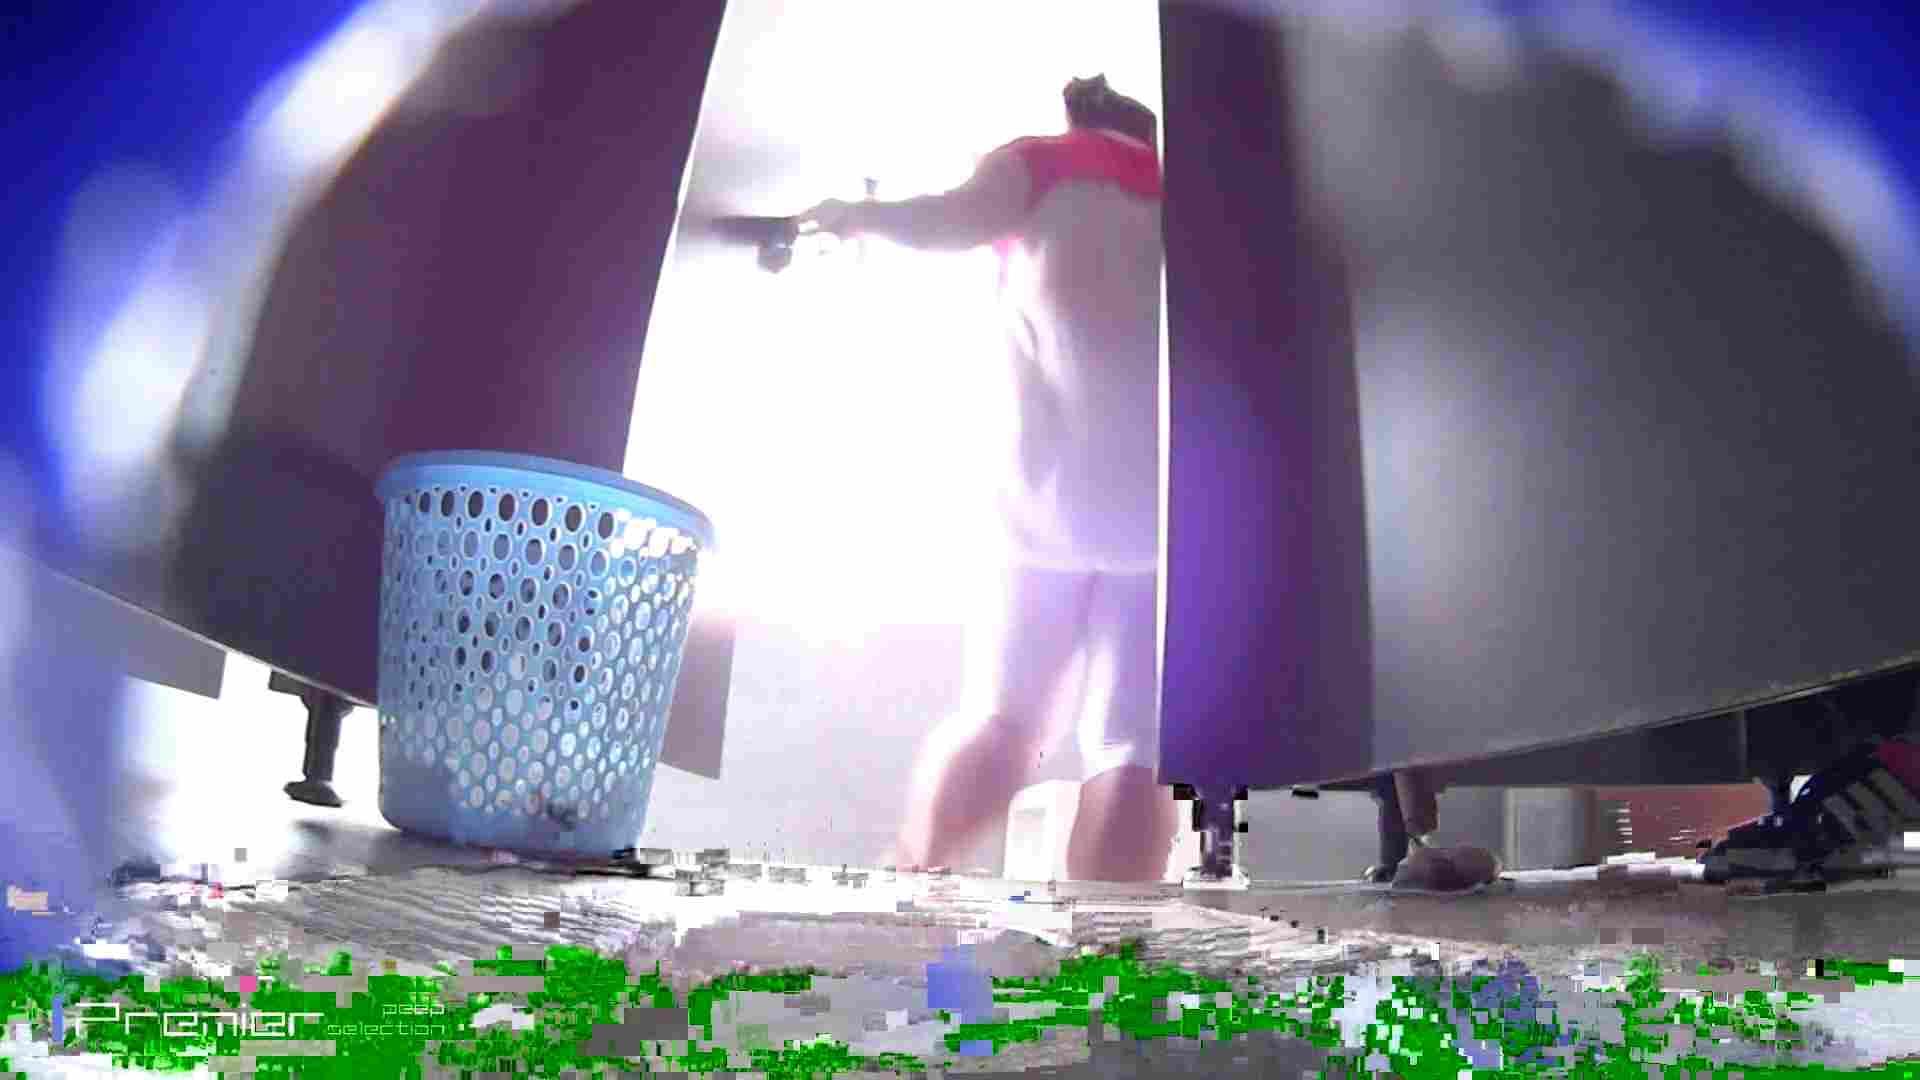 清楚なJDトイレ盗撮 大学休憩時間の洗面所事情41 エッチすぎるお姉さん 隠し撮りオマンコ動画紹介 85連発 73